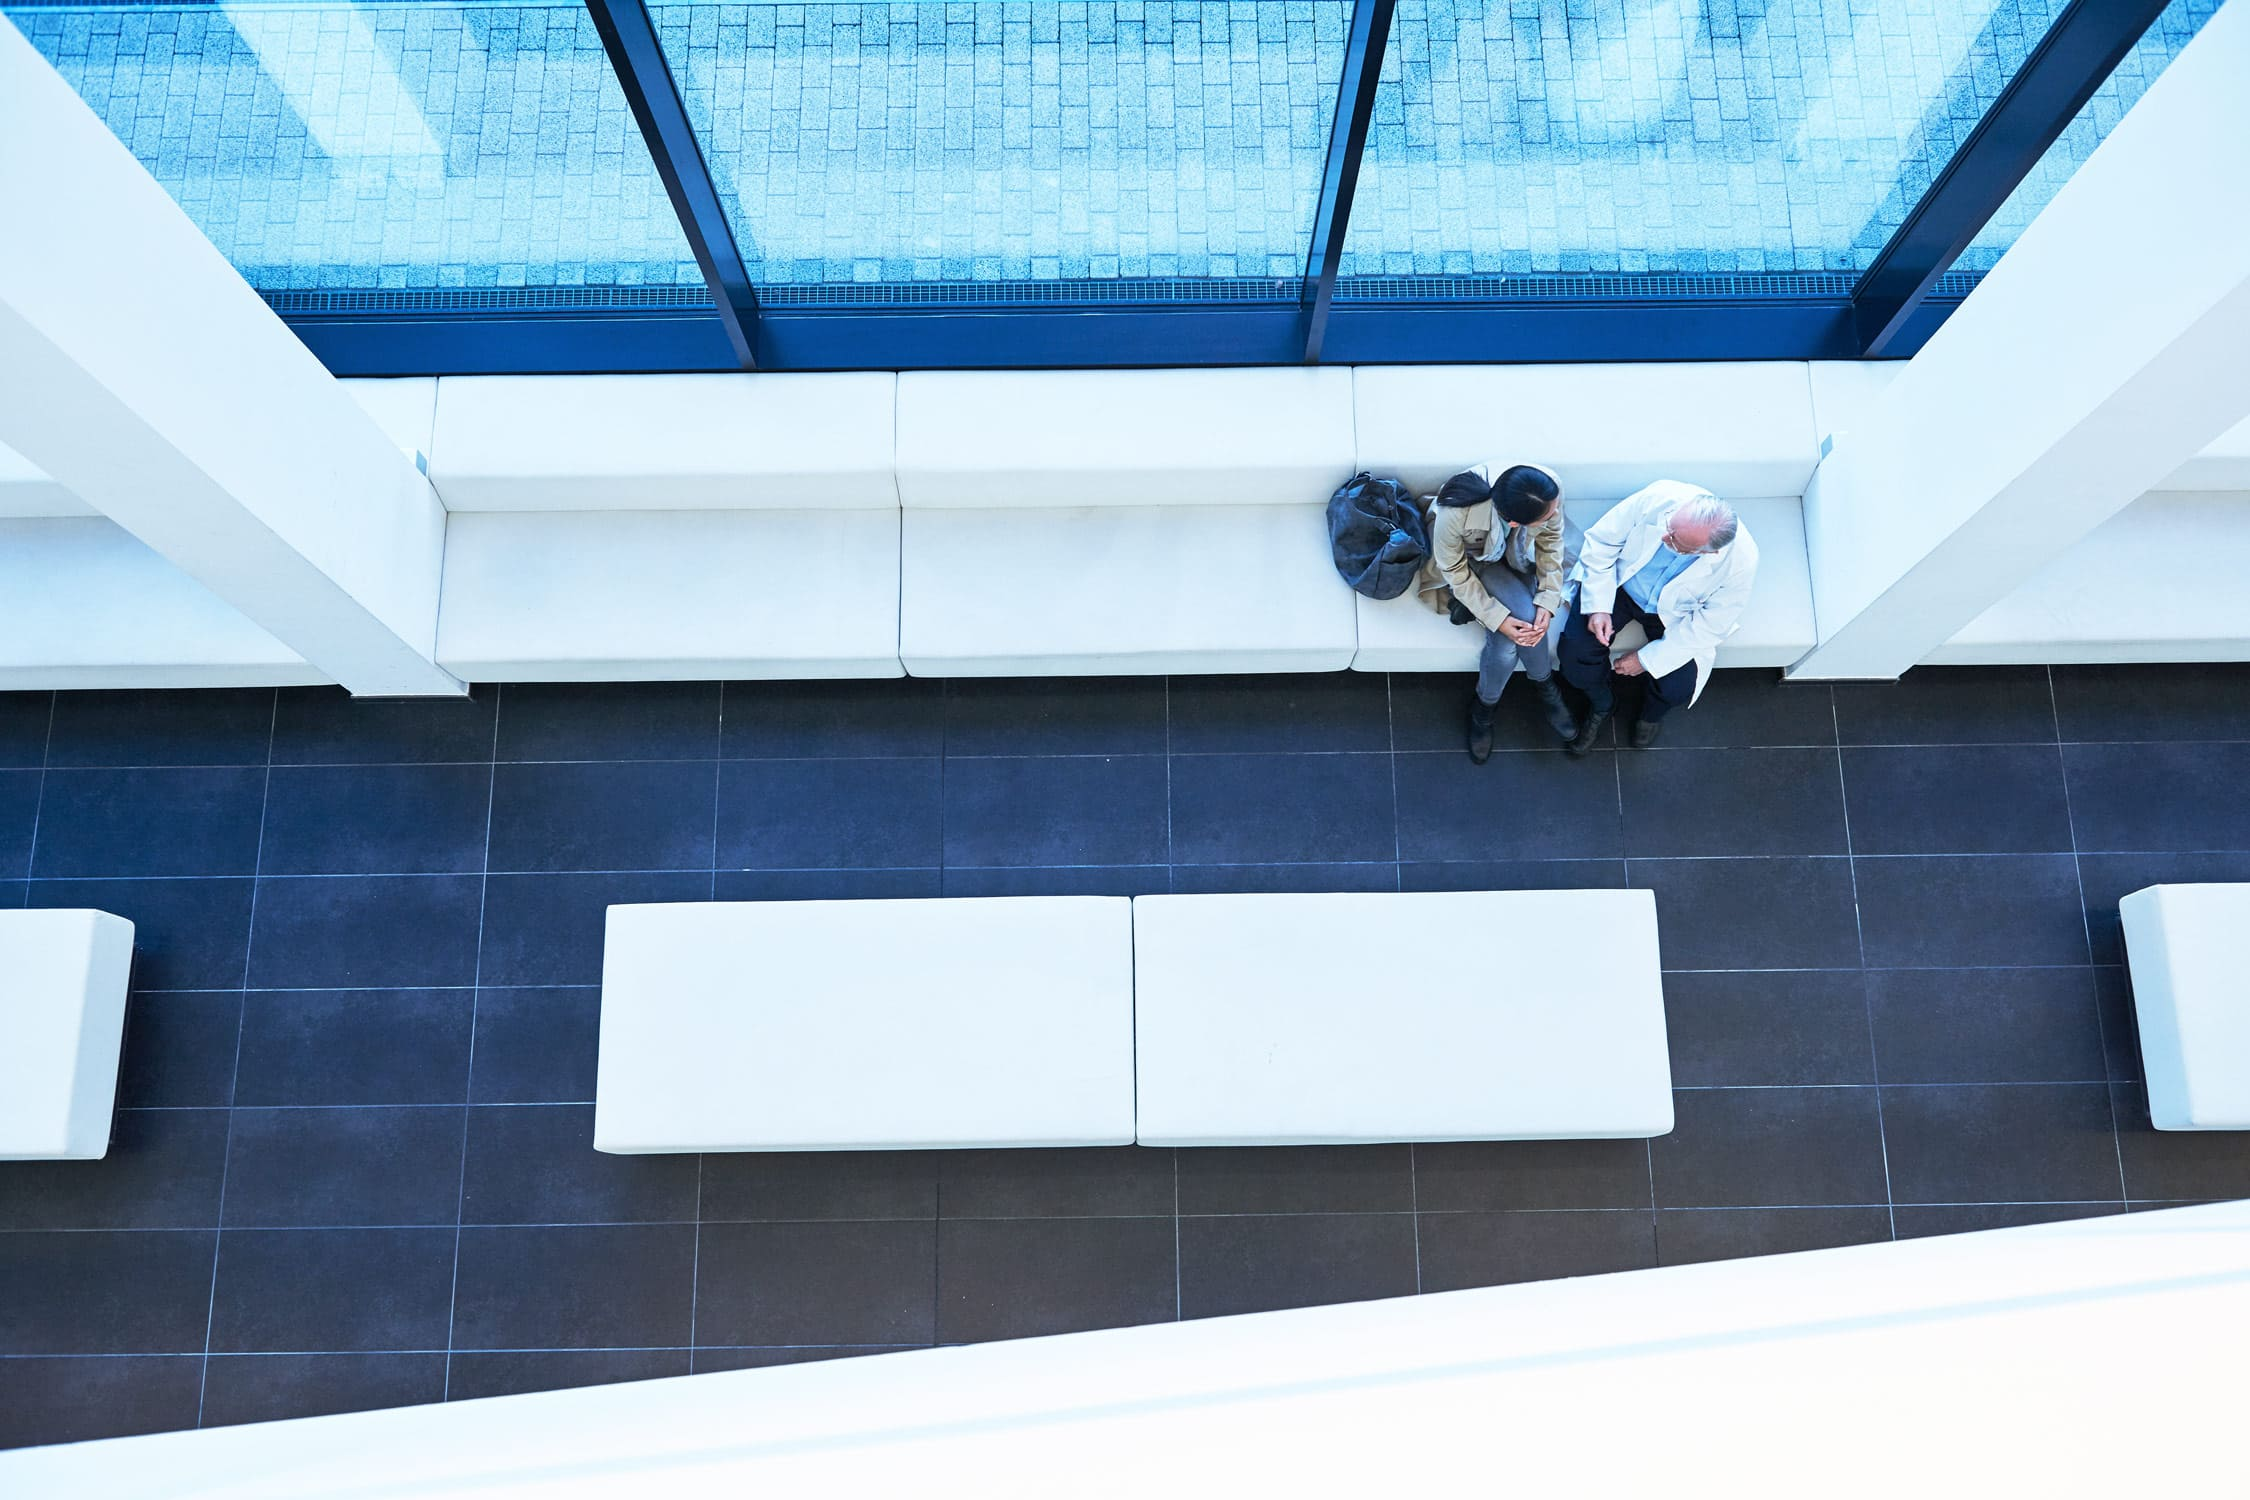 Blick von oben auf Fenstersitzbank auf der sich zwei Menschen unterhalten